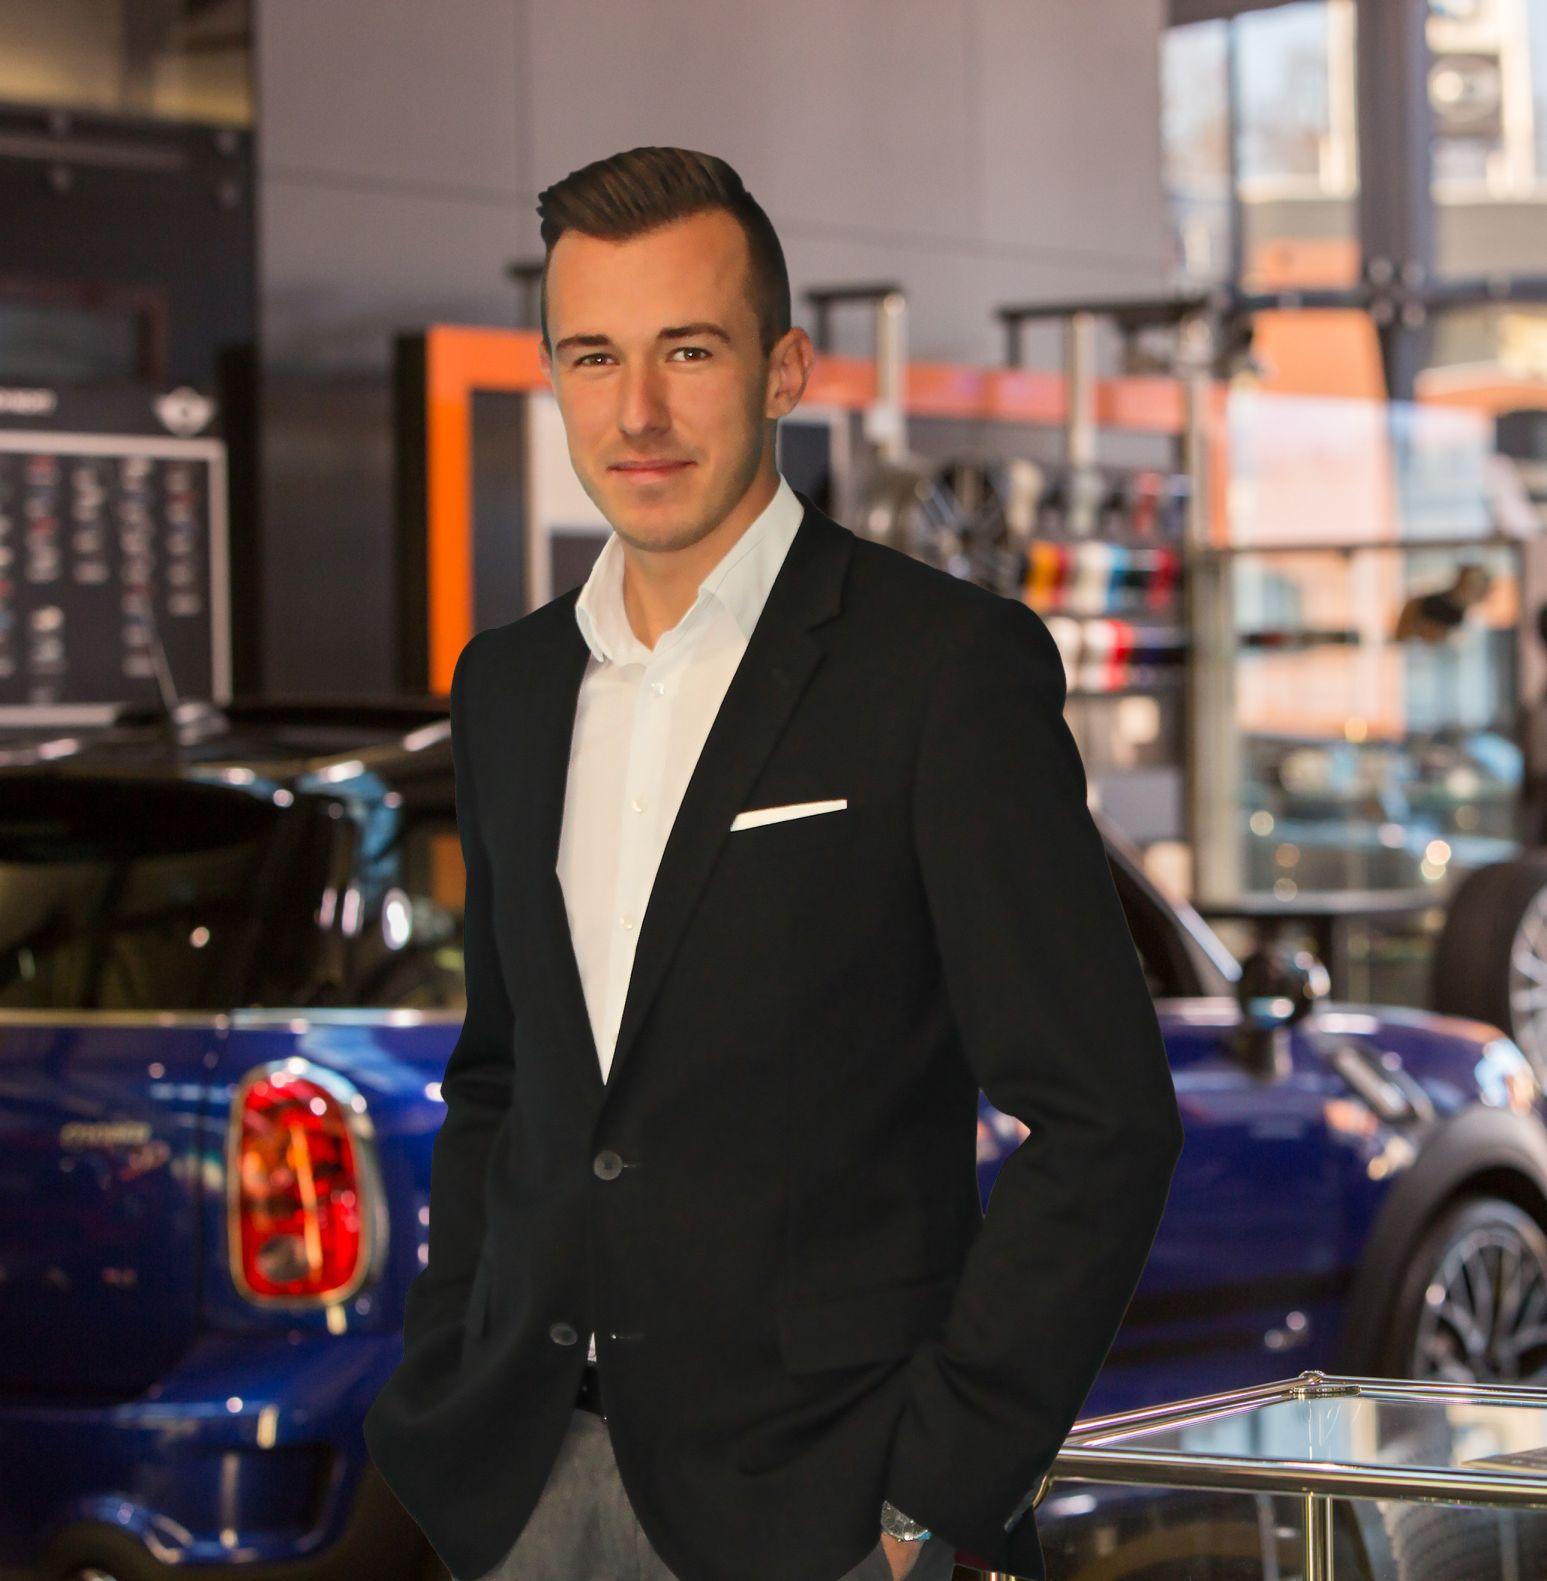 das Interview führten wir mit Deutschlands jüngstem Mini-Brand-Manager Dario Herrmann